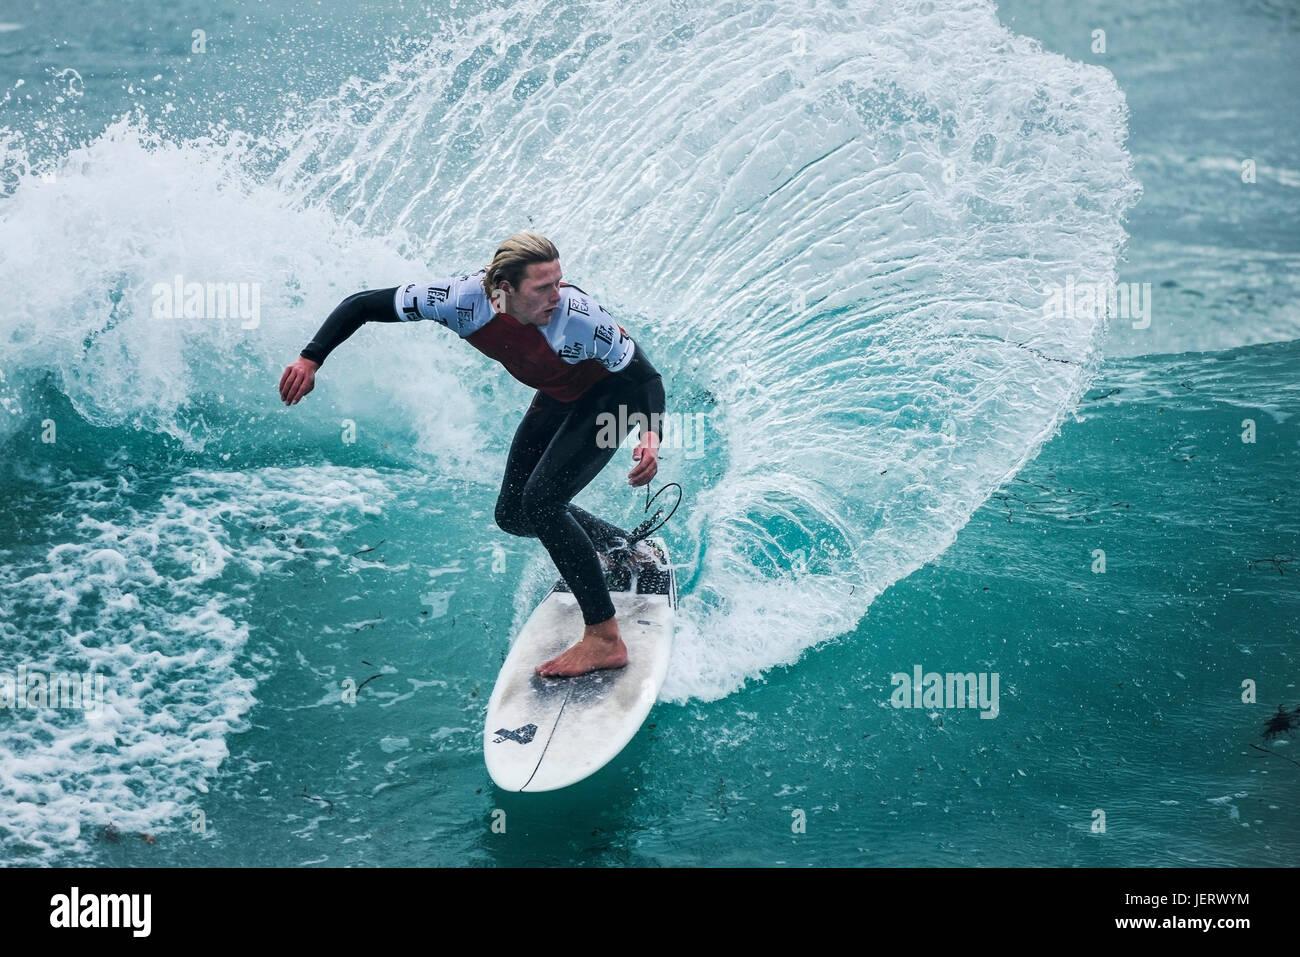 UK Surf. Action surf spectaculaire en tant que surfer rides une vague dans un concours à la plage de Fistral, Newquay, Cornwall Banque D'Images